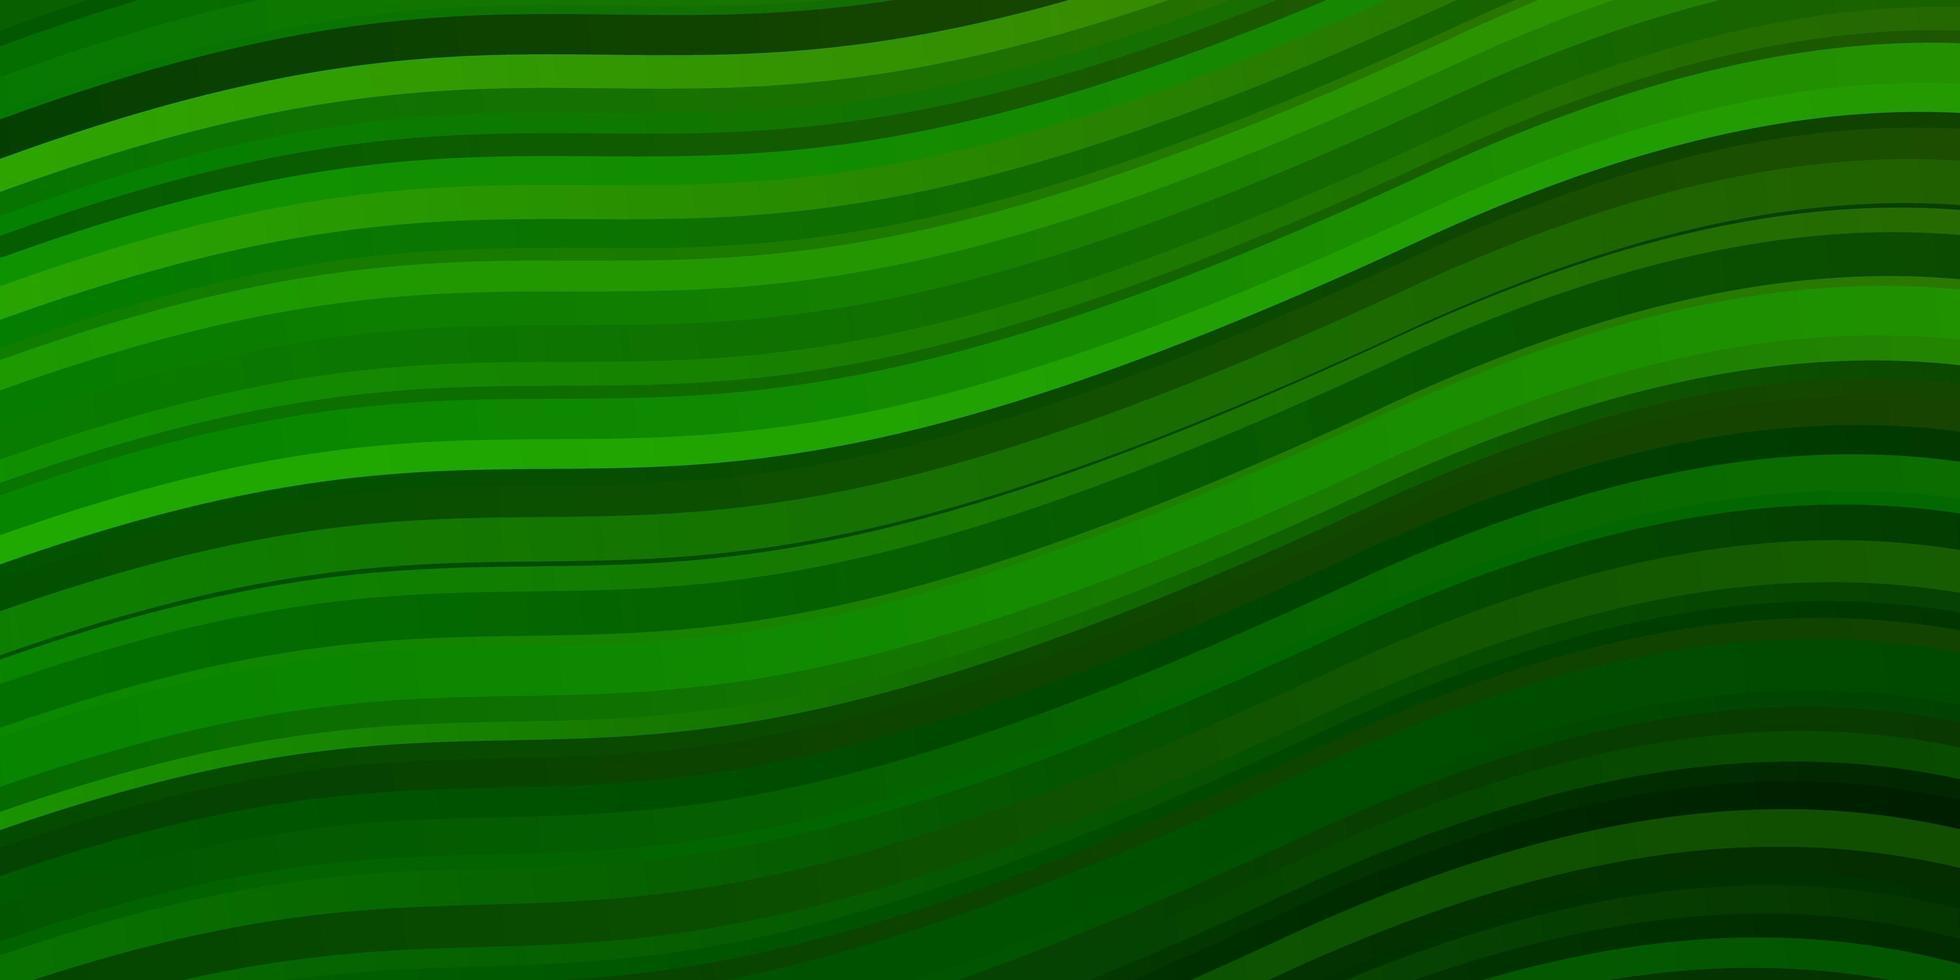 ljusgrönt vektormönster med kurvor. vektor